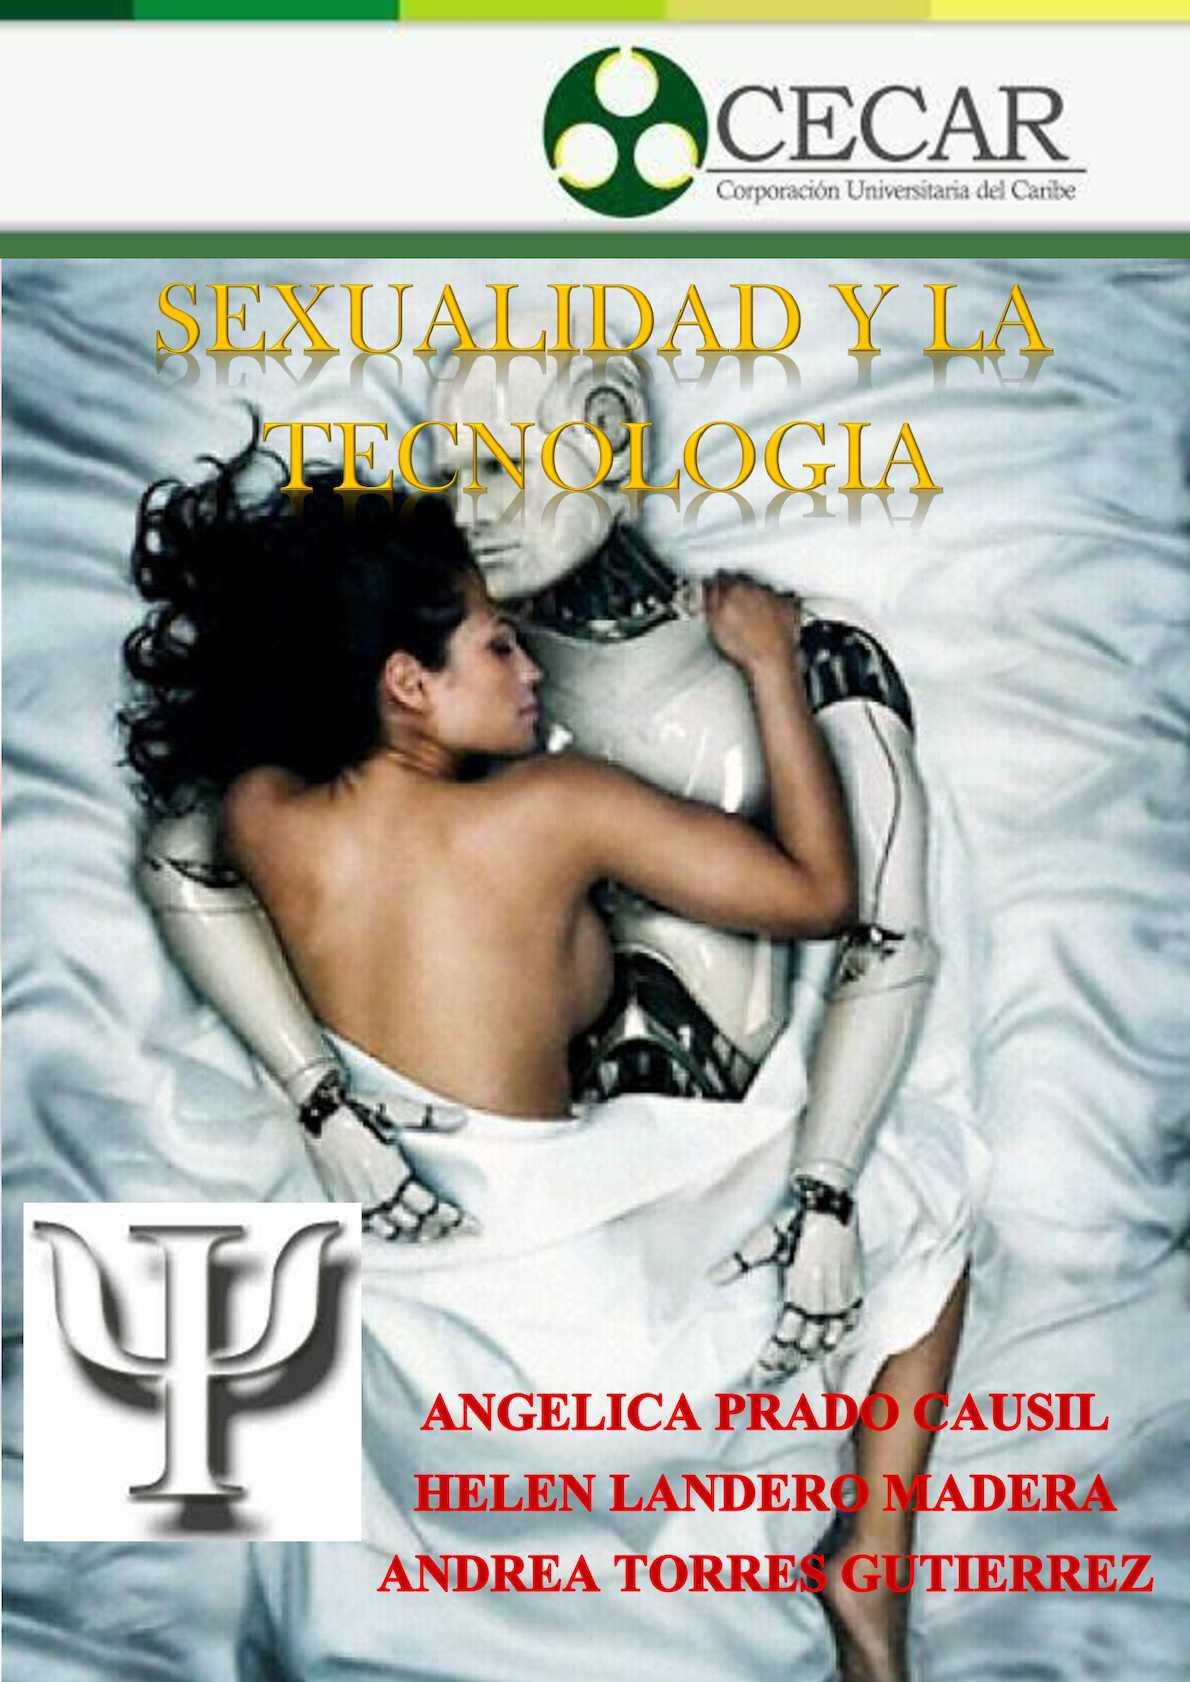 La Sexualidad Y Las Tecnologias (2)